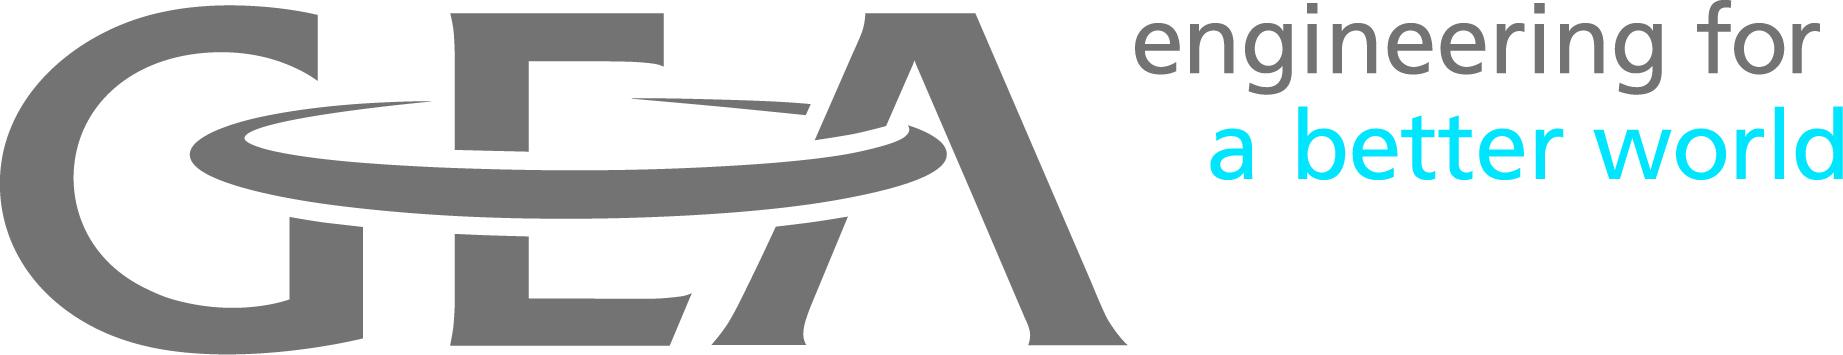 gea-logo-cmyk.jpg